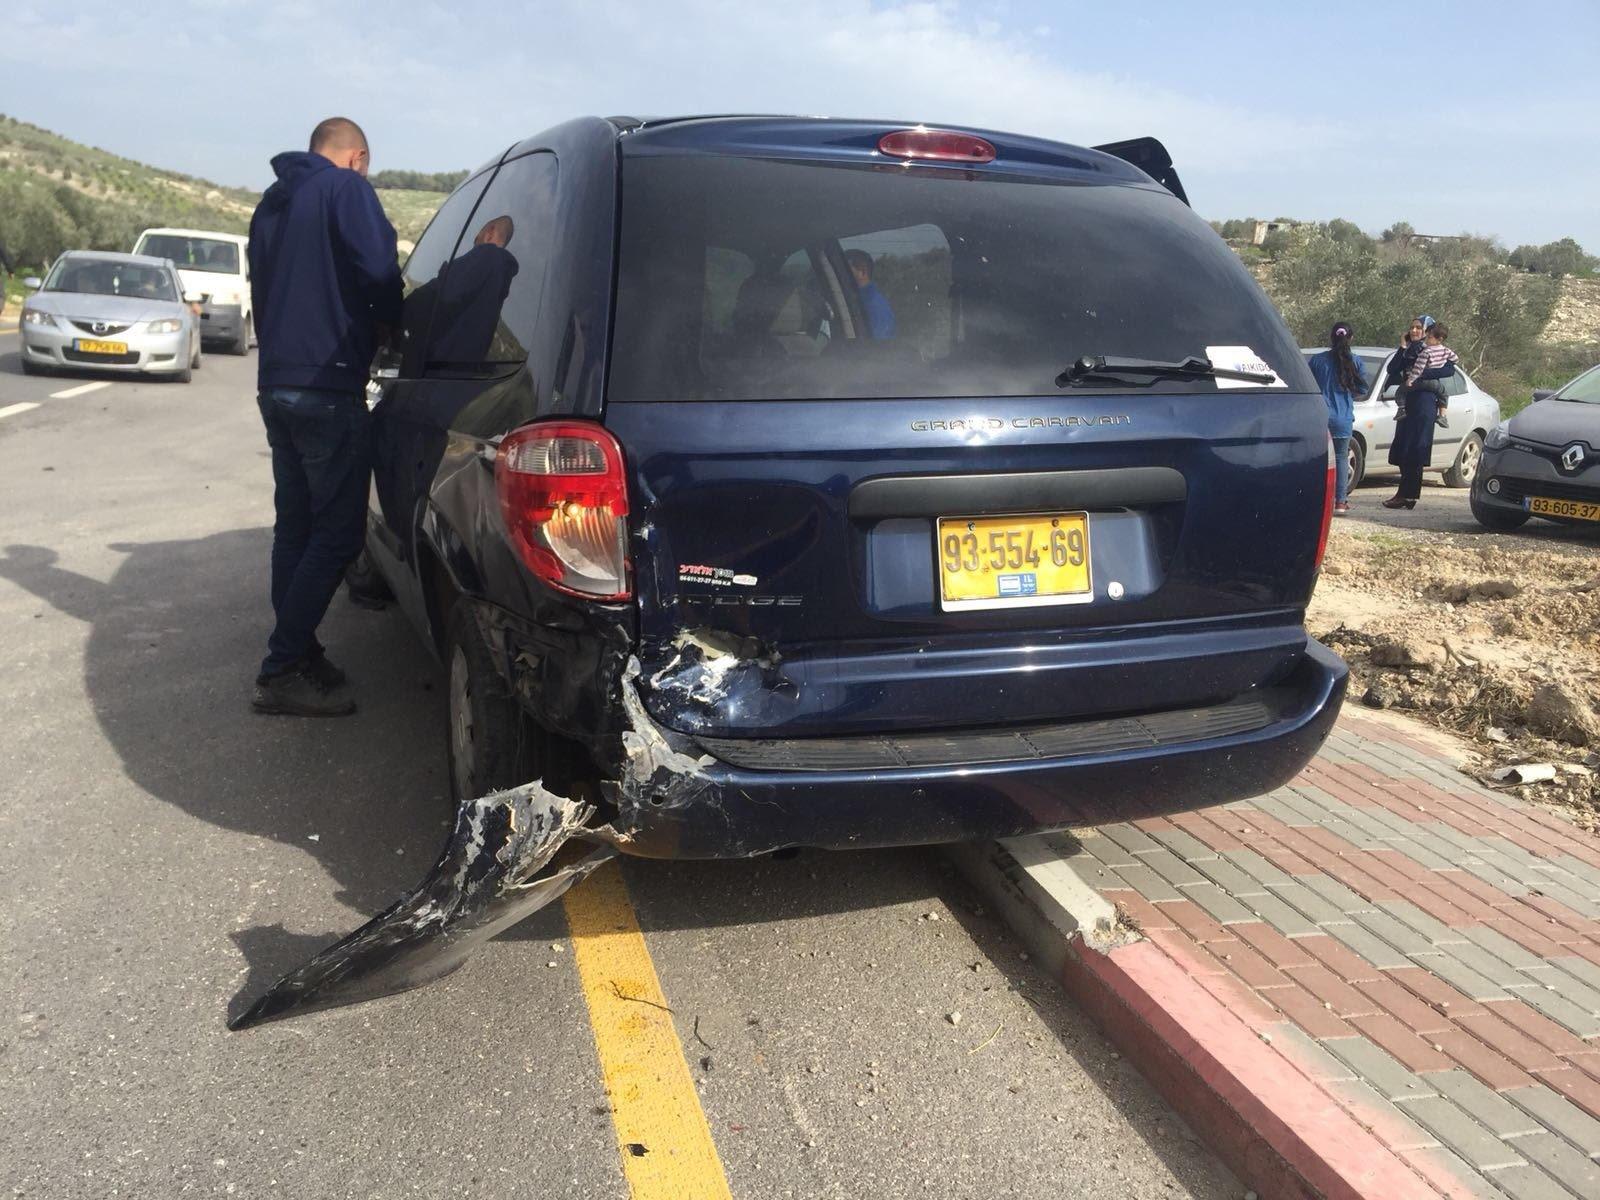 معاوية: حادث طرق يؤدي الى عدد من الاصابات -1